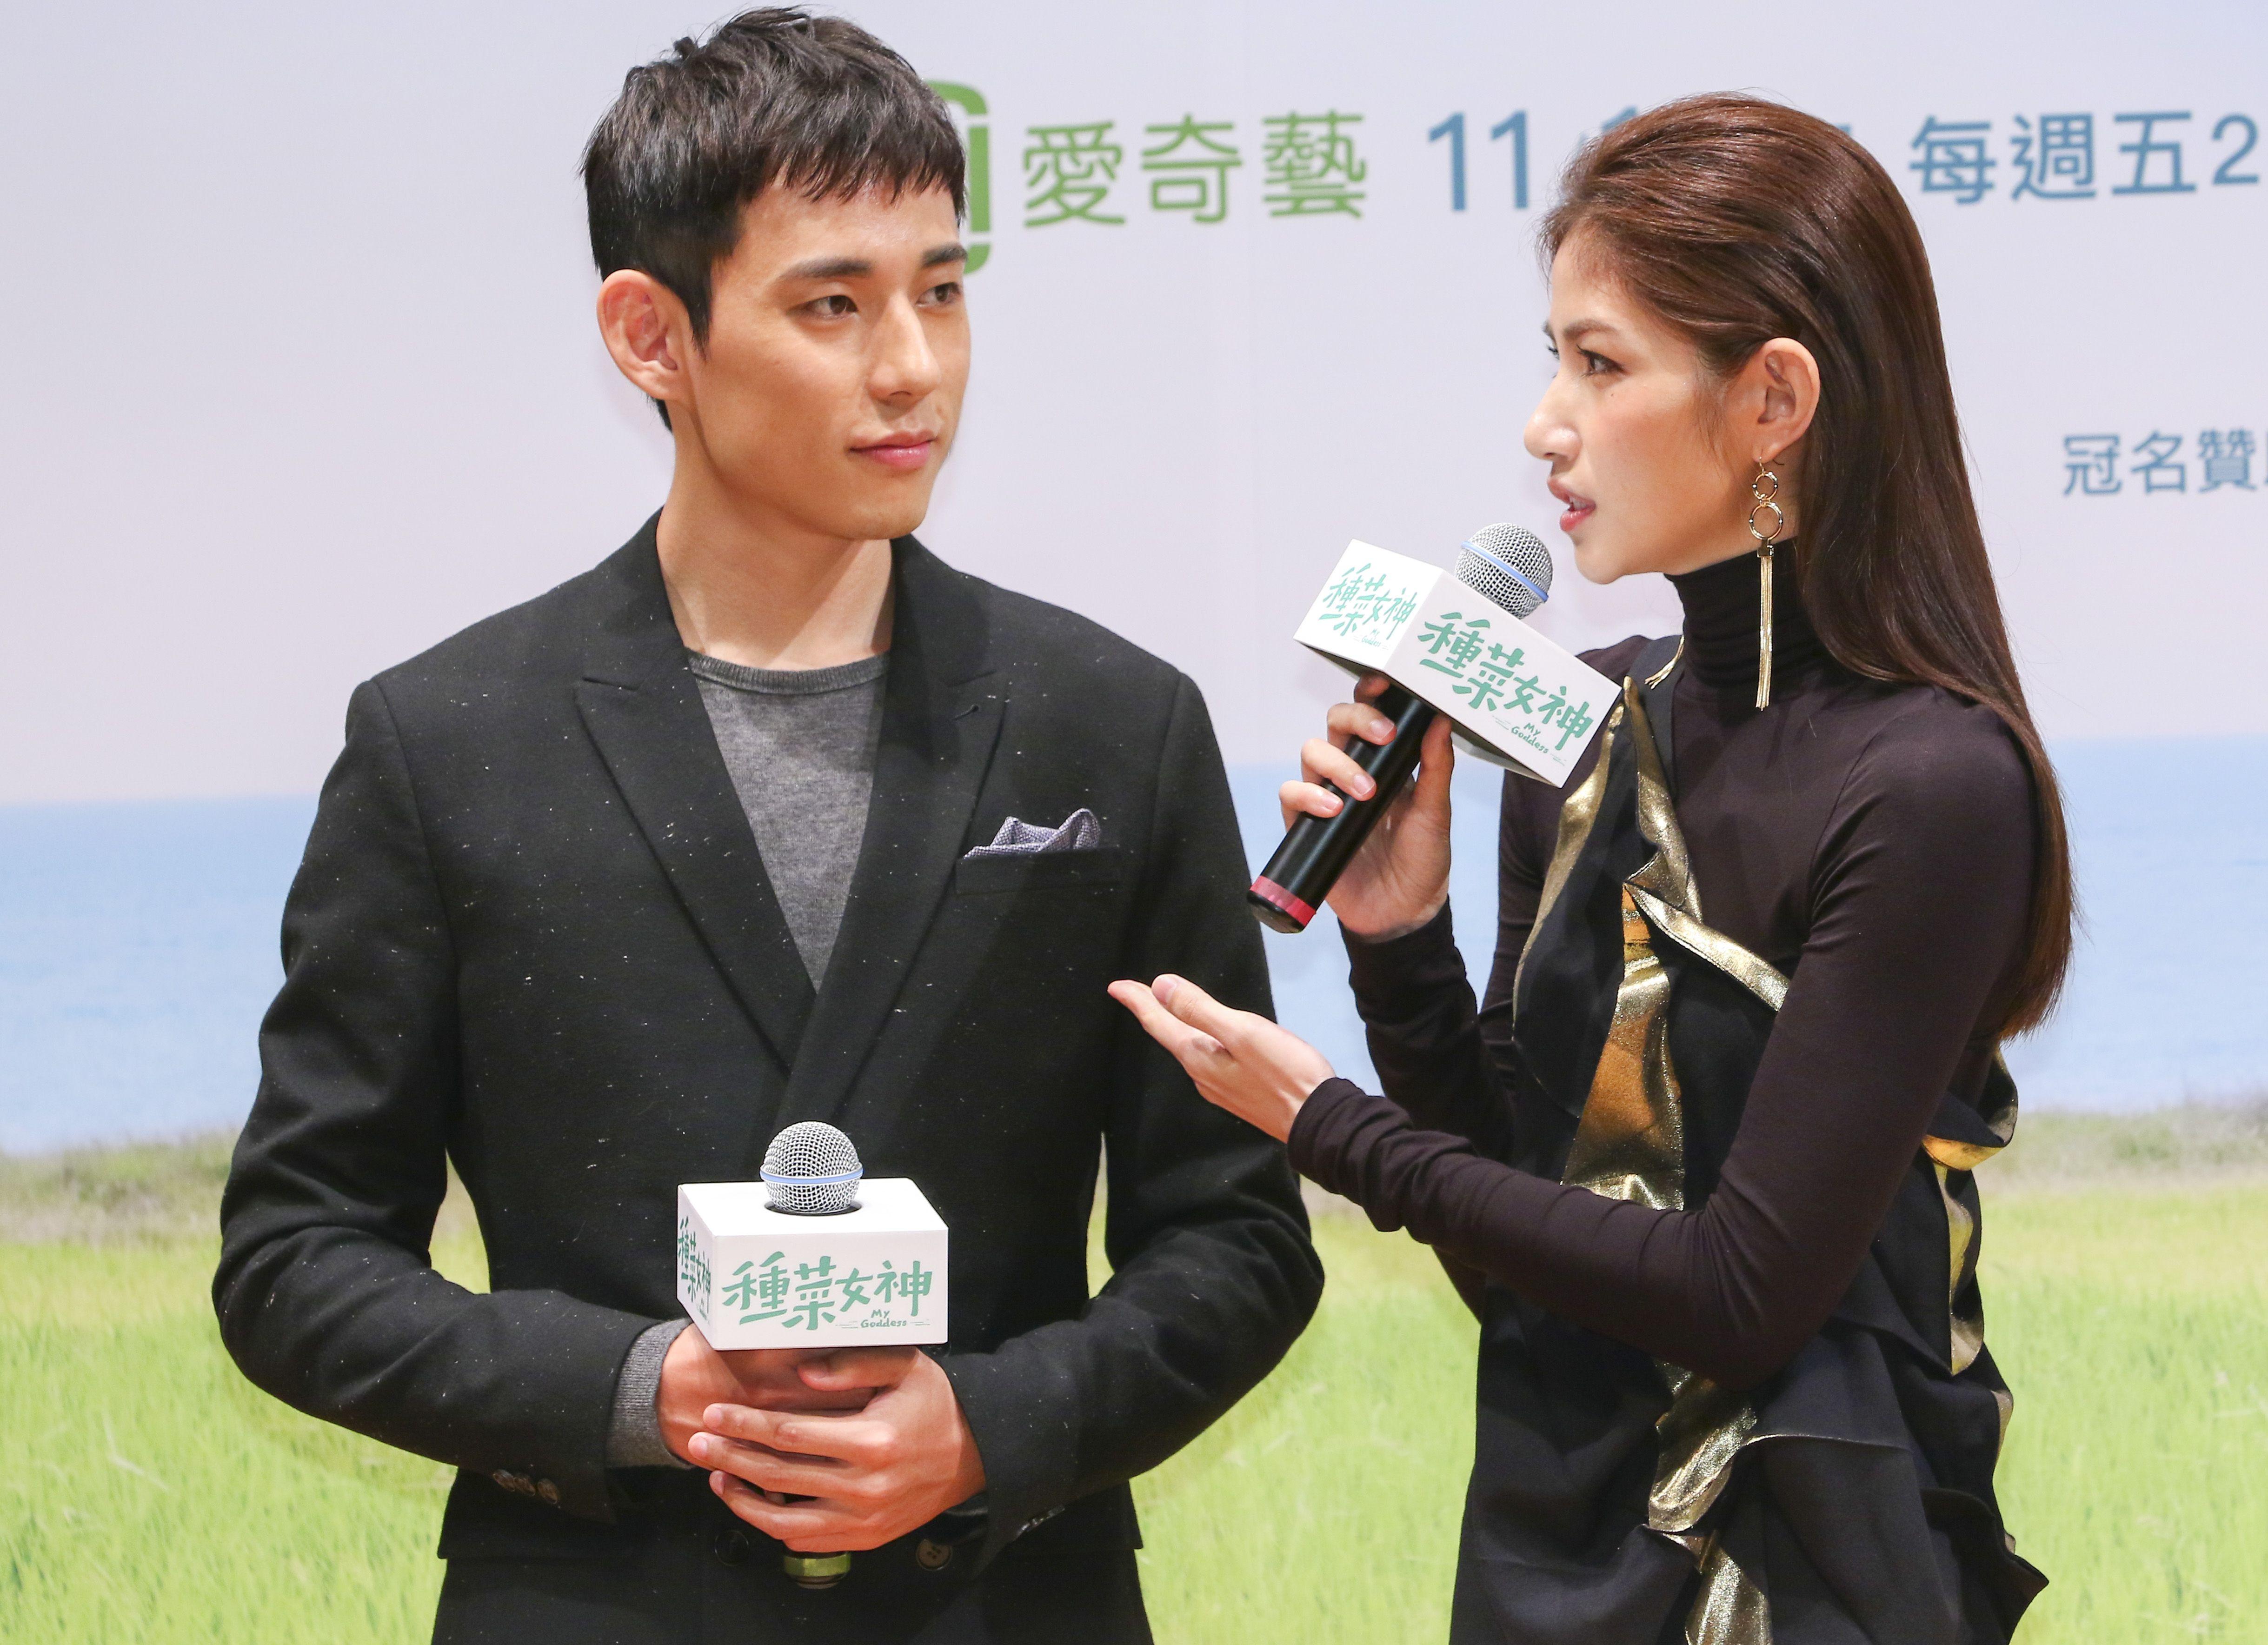 「種菜女神」首映發布會女主角李千娜與男主角徐鈞浩。(記者林士傑/攝影)